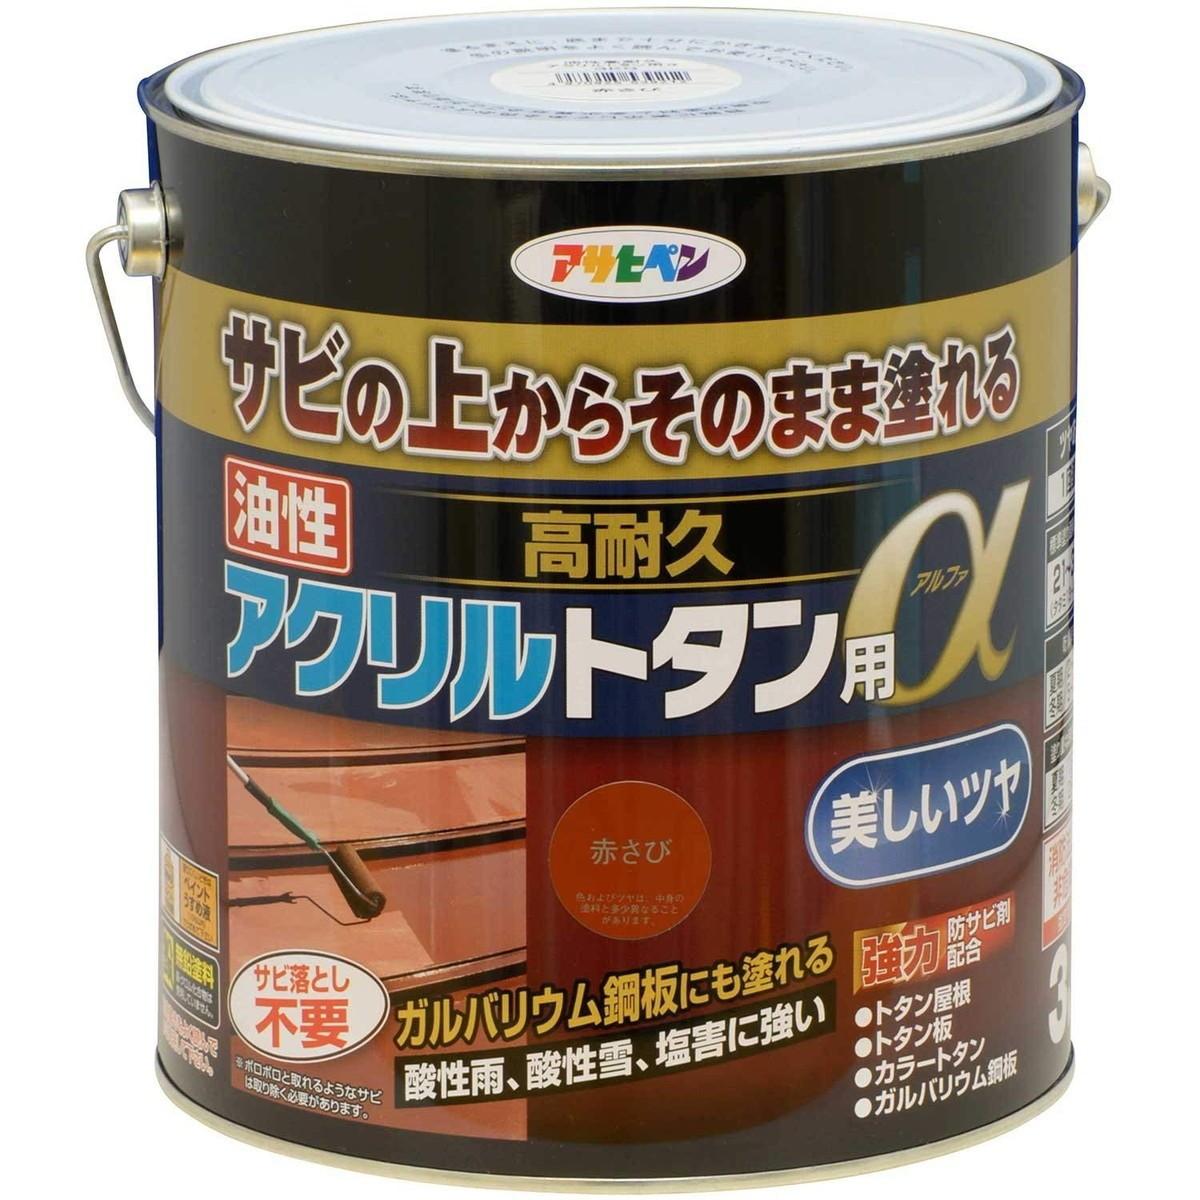 アサヒペン トタン用塗料 3kg 赤さび【クーポン配布中】